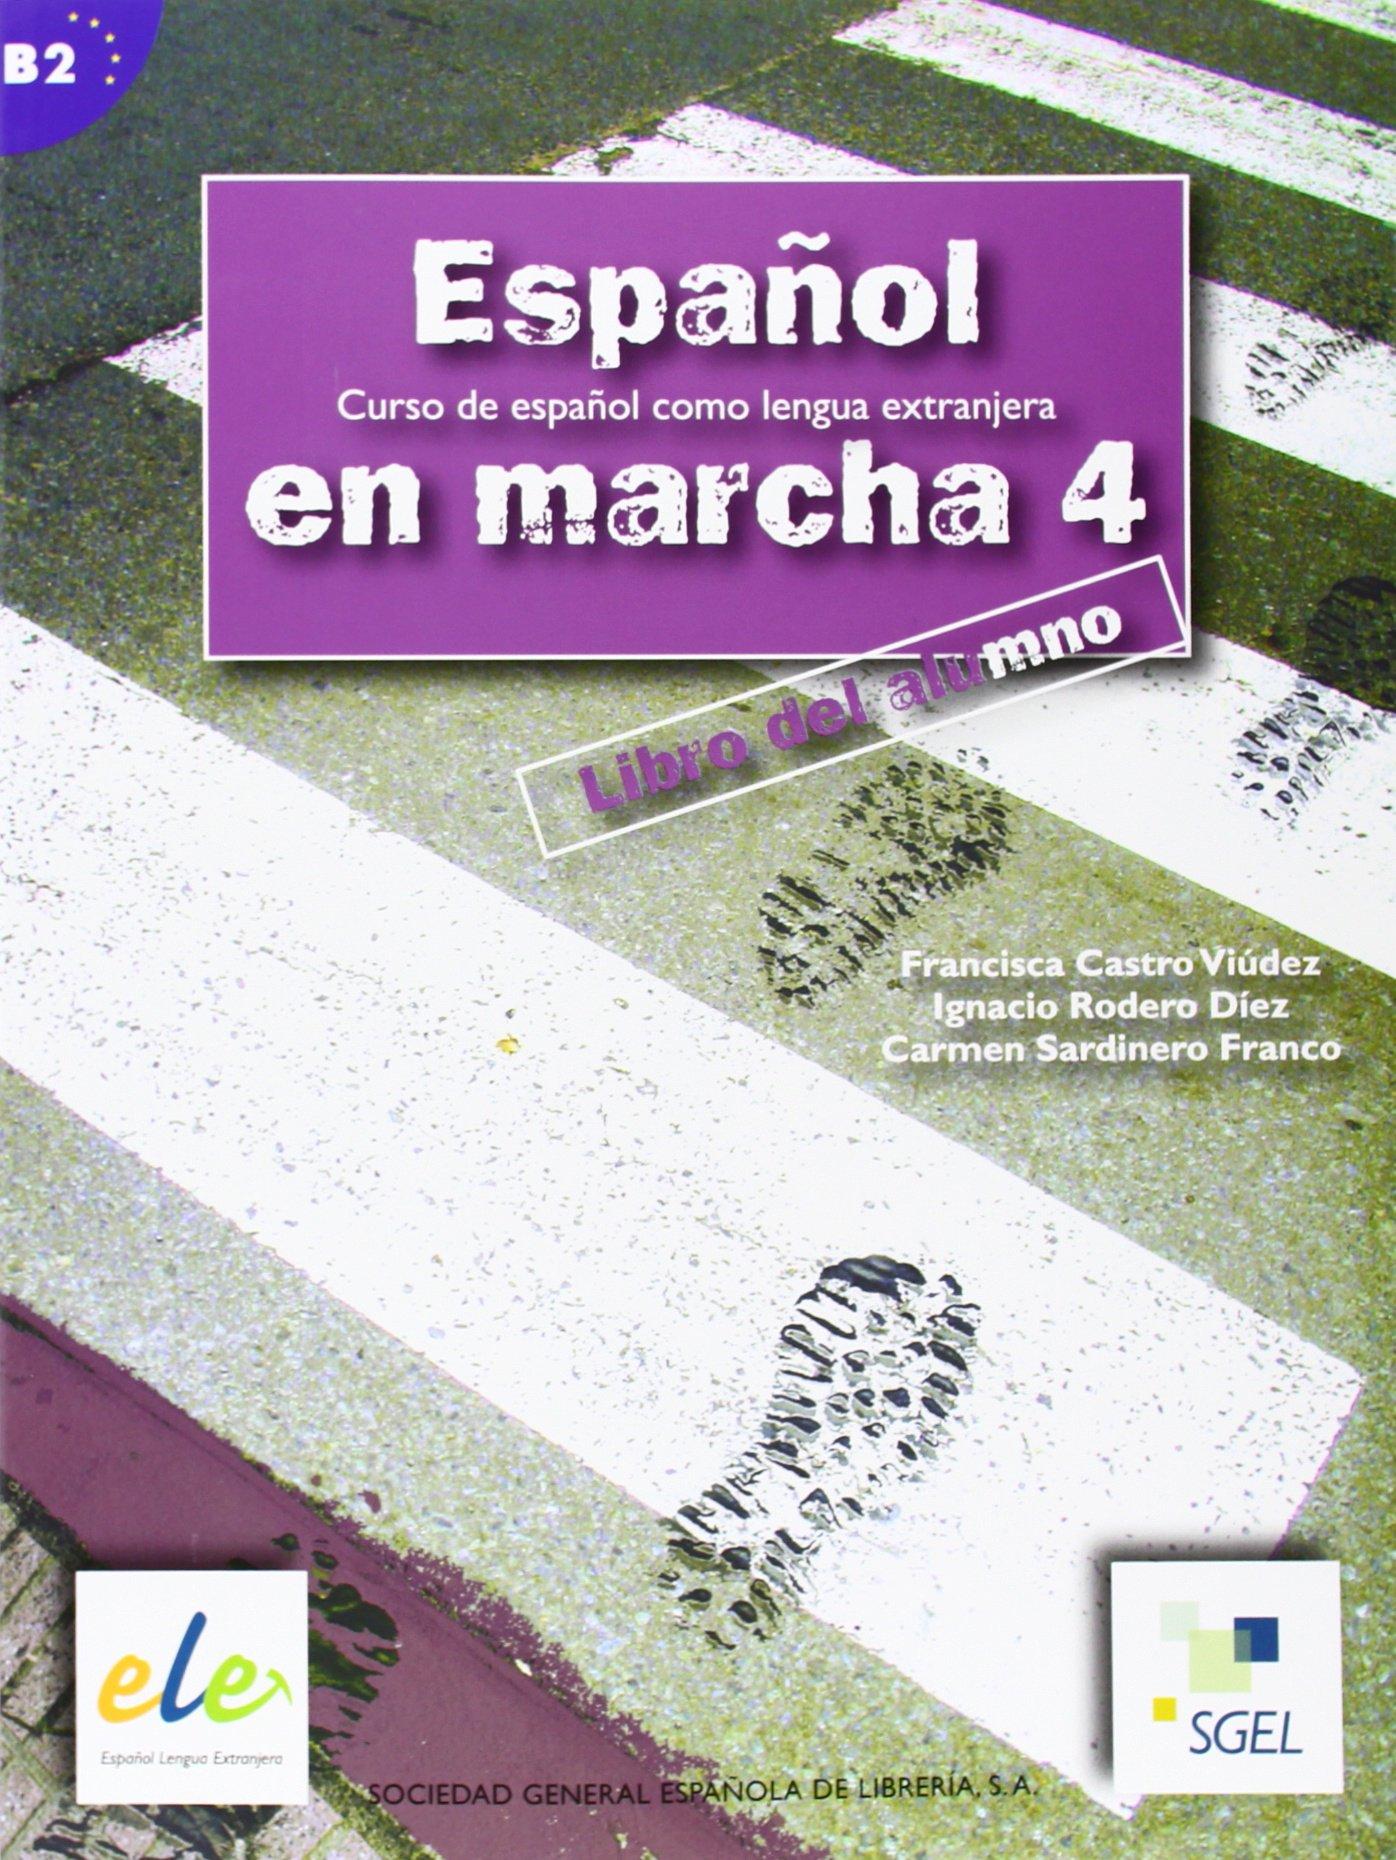 Espanol en marcha 4. Libro del alumno / Español en marcha 4. Libro del alumno: Curso de español como lengua extranjera. Nivel B2